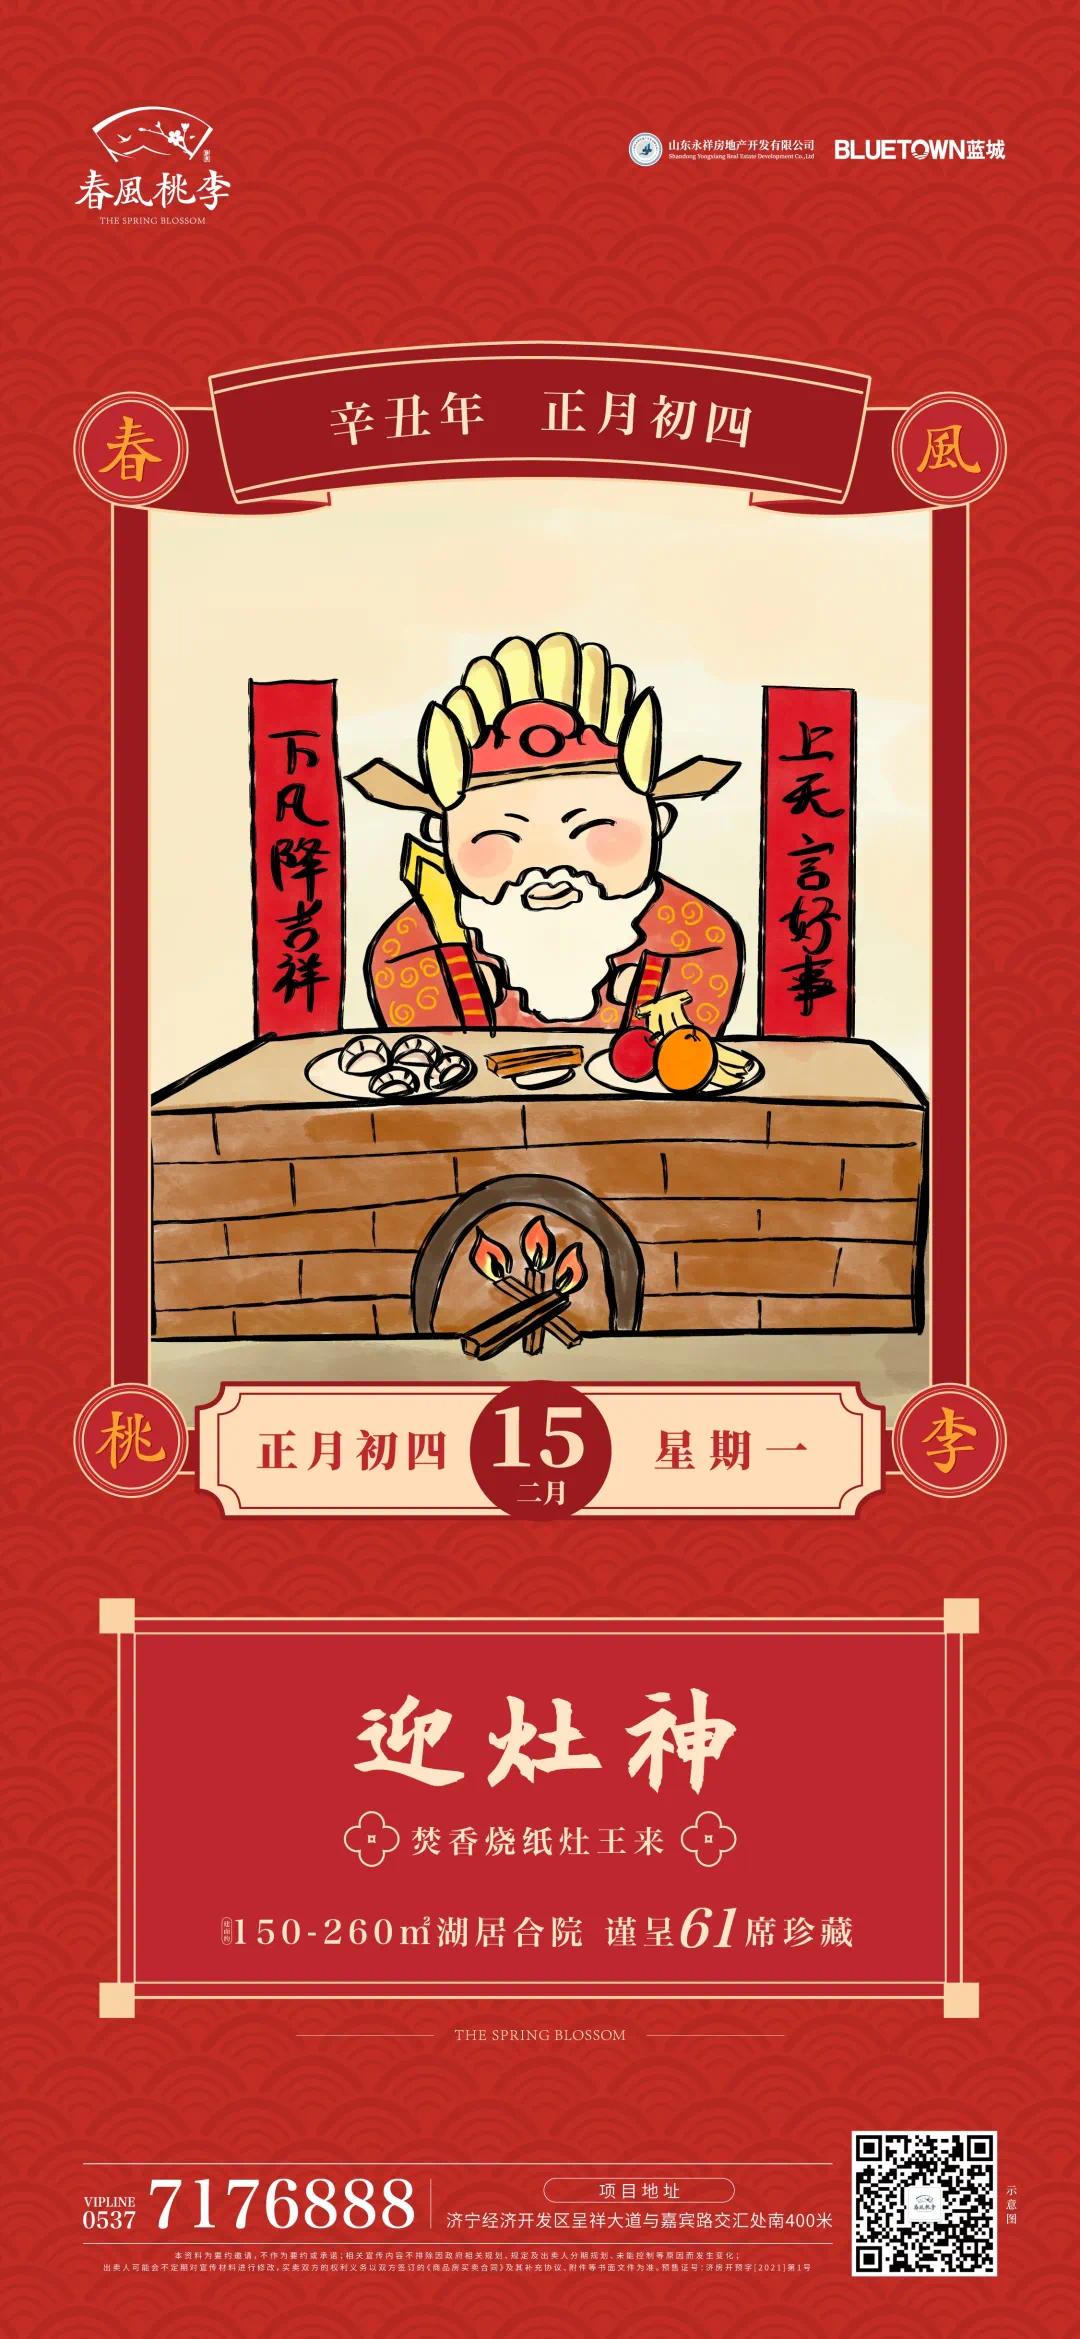 正月初四,永祥蓝城与您一起焚香烧纸迎灶王